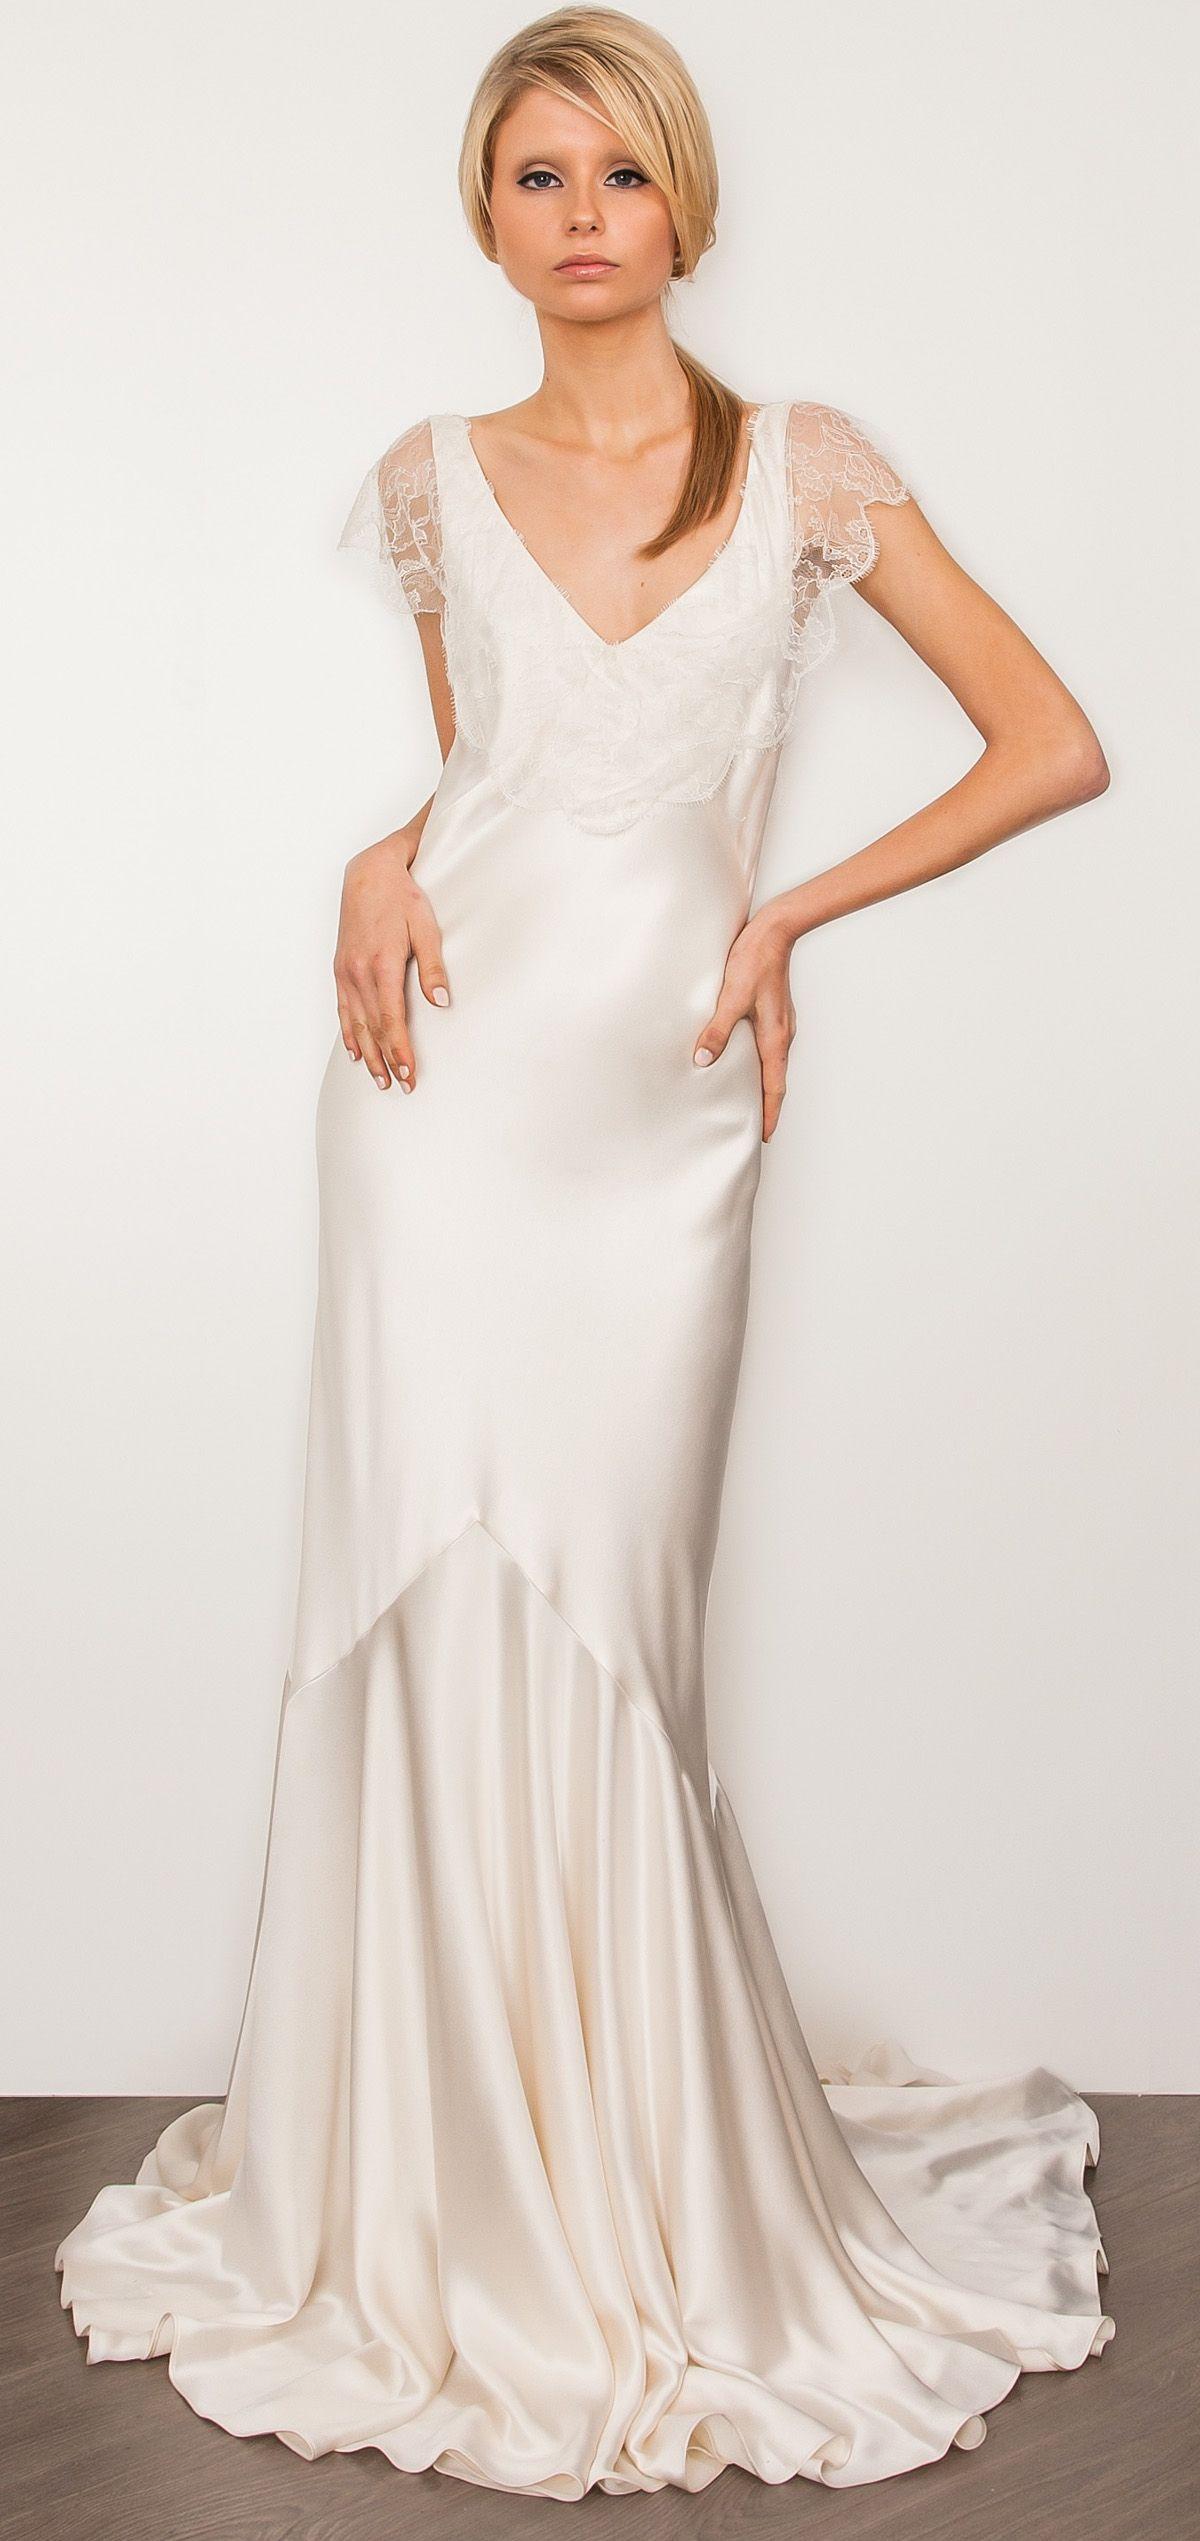 Belinda | Hochzeitskleid | Pinterest | Kreise, Röcke und Seide